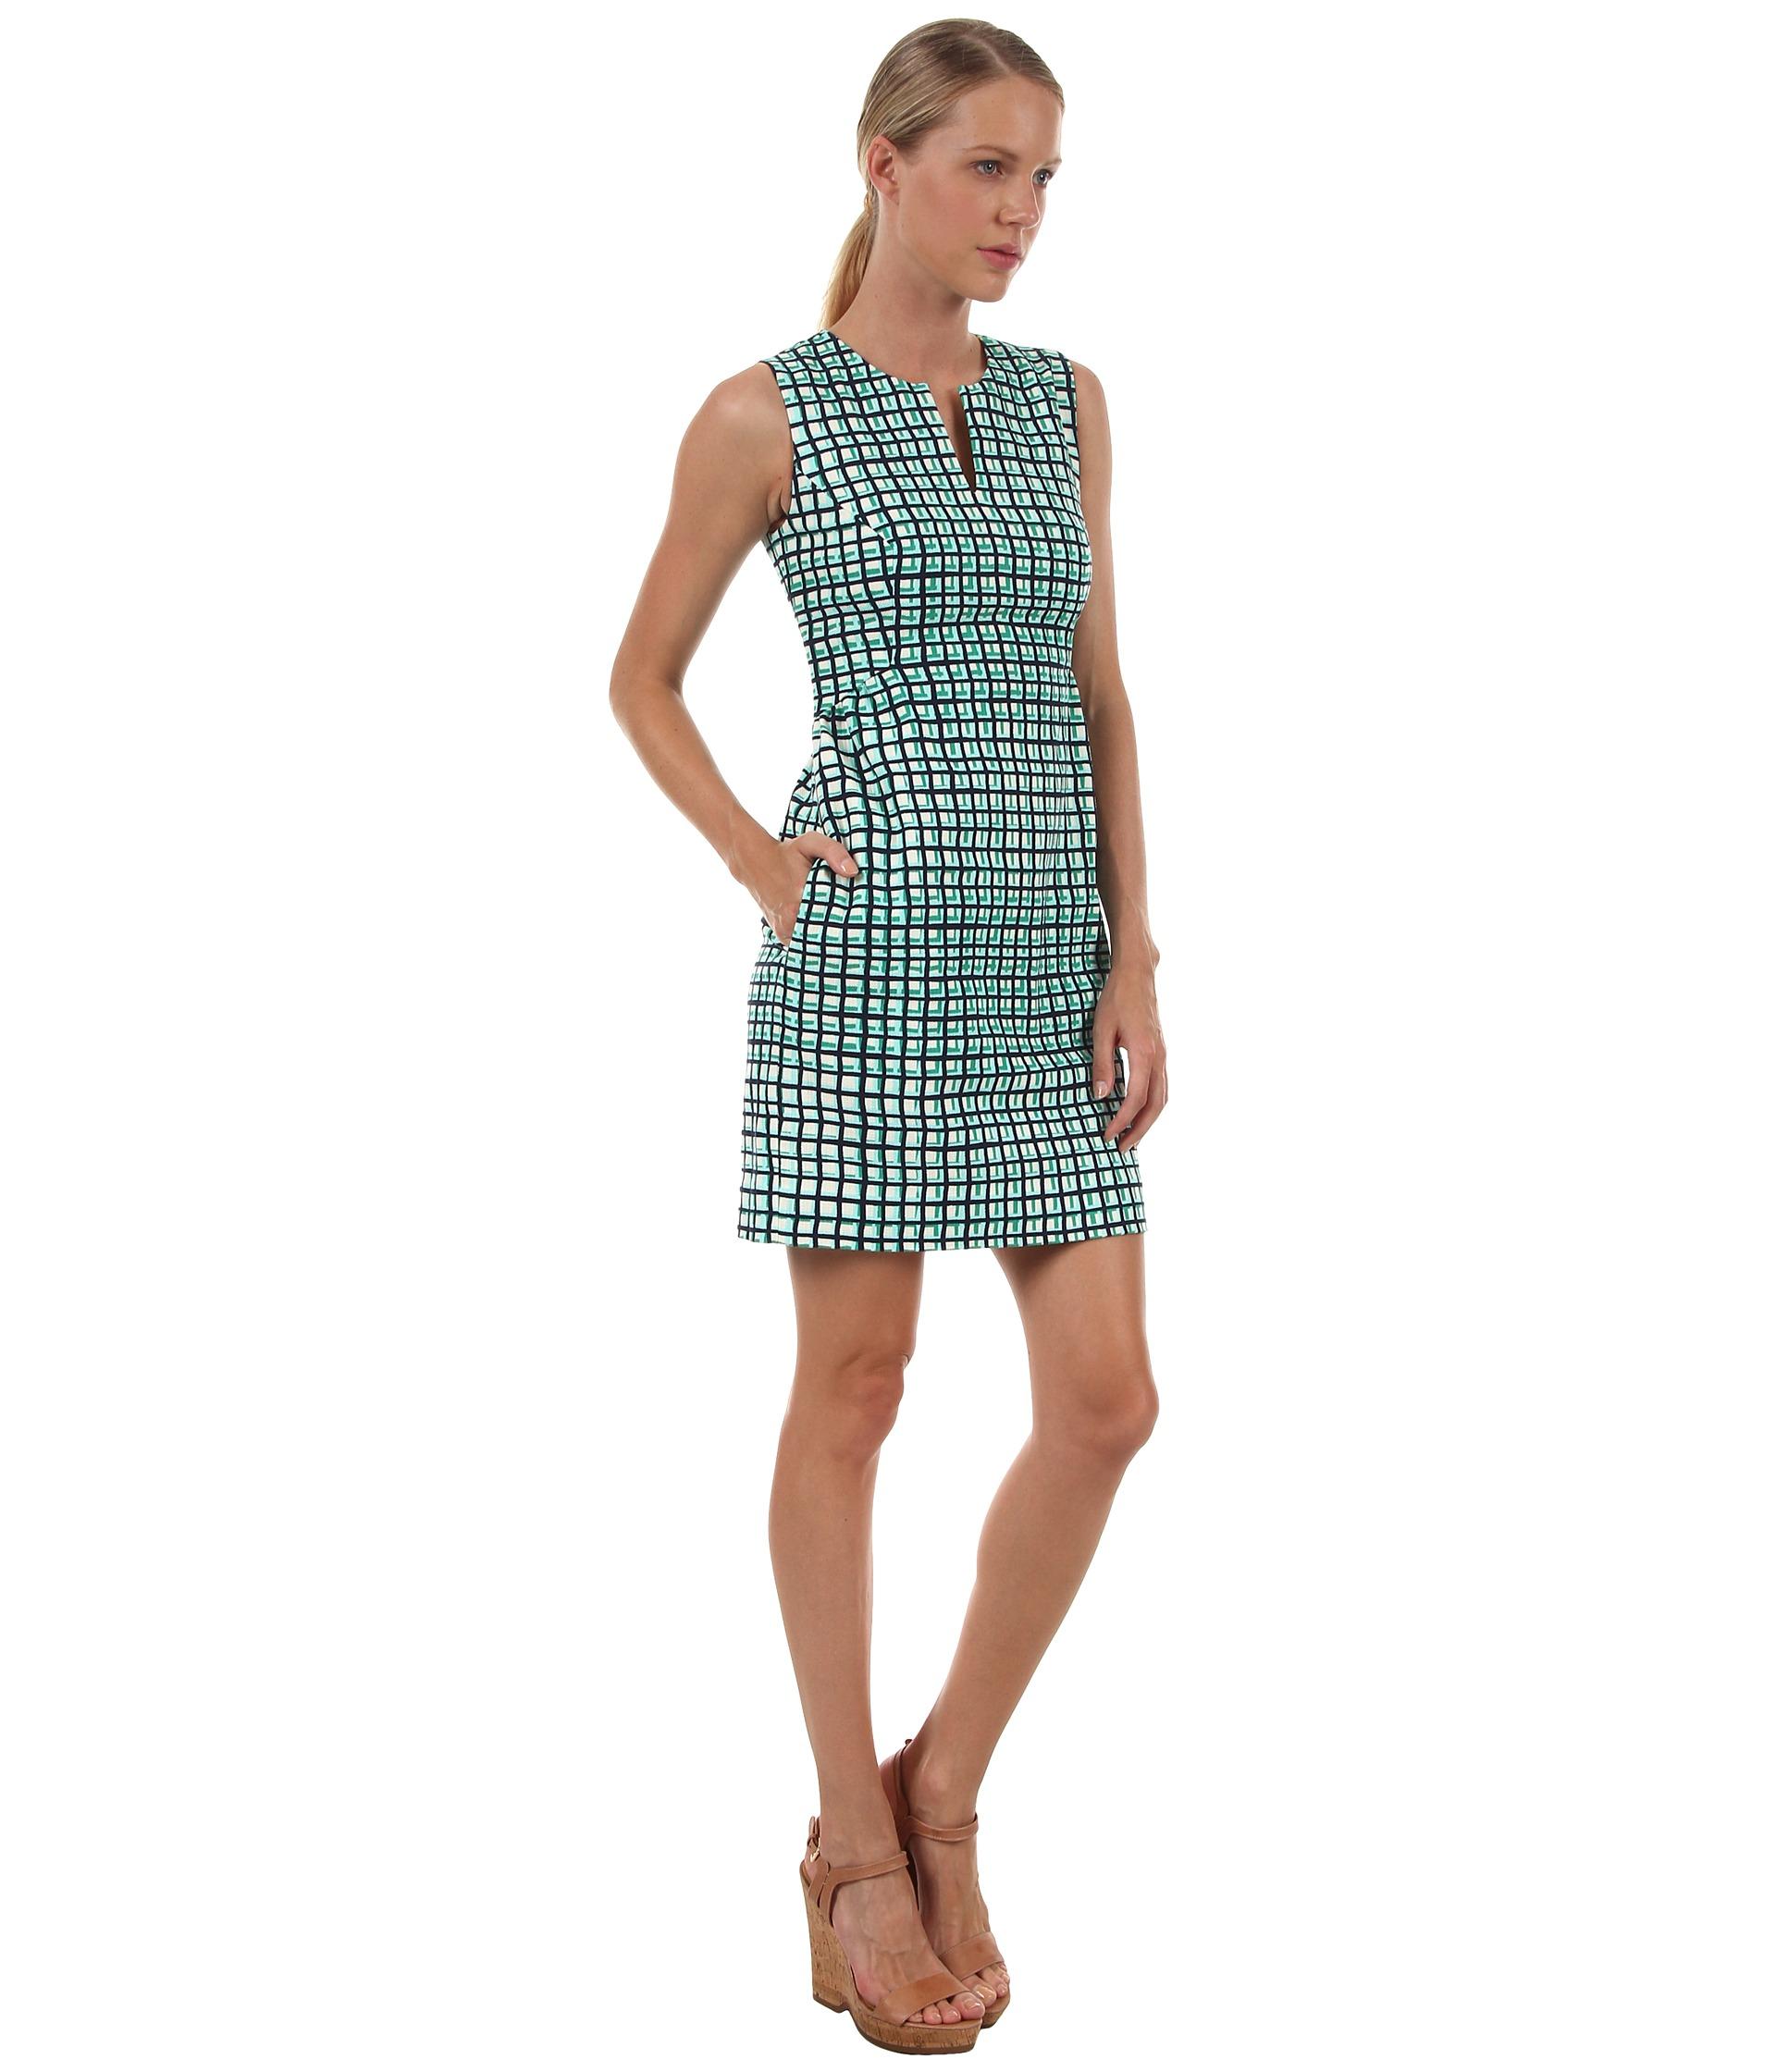 Kate Spade New York Samantha Dress